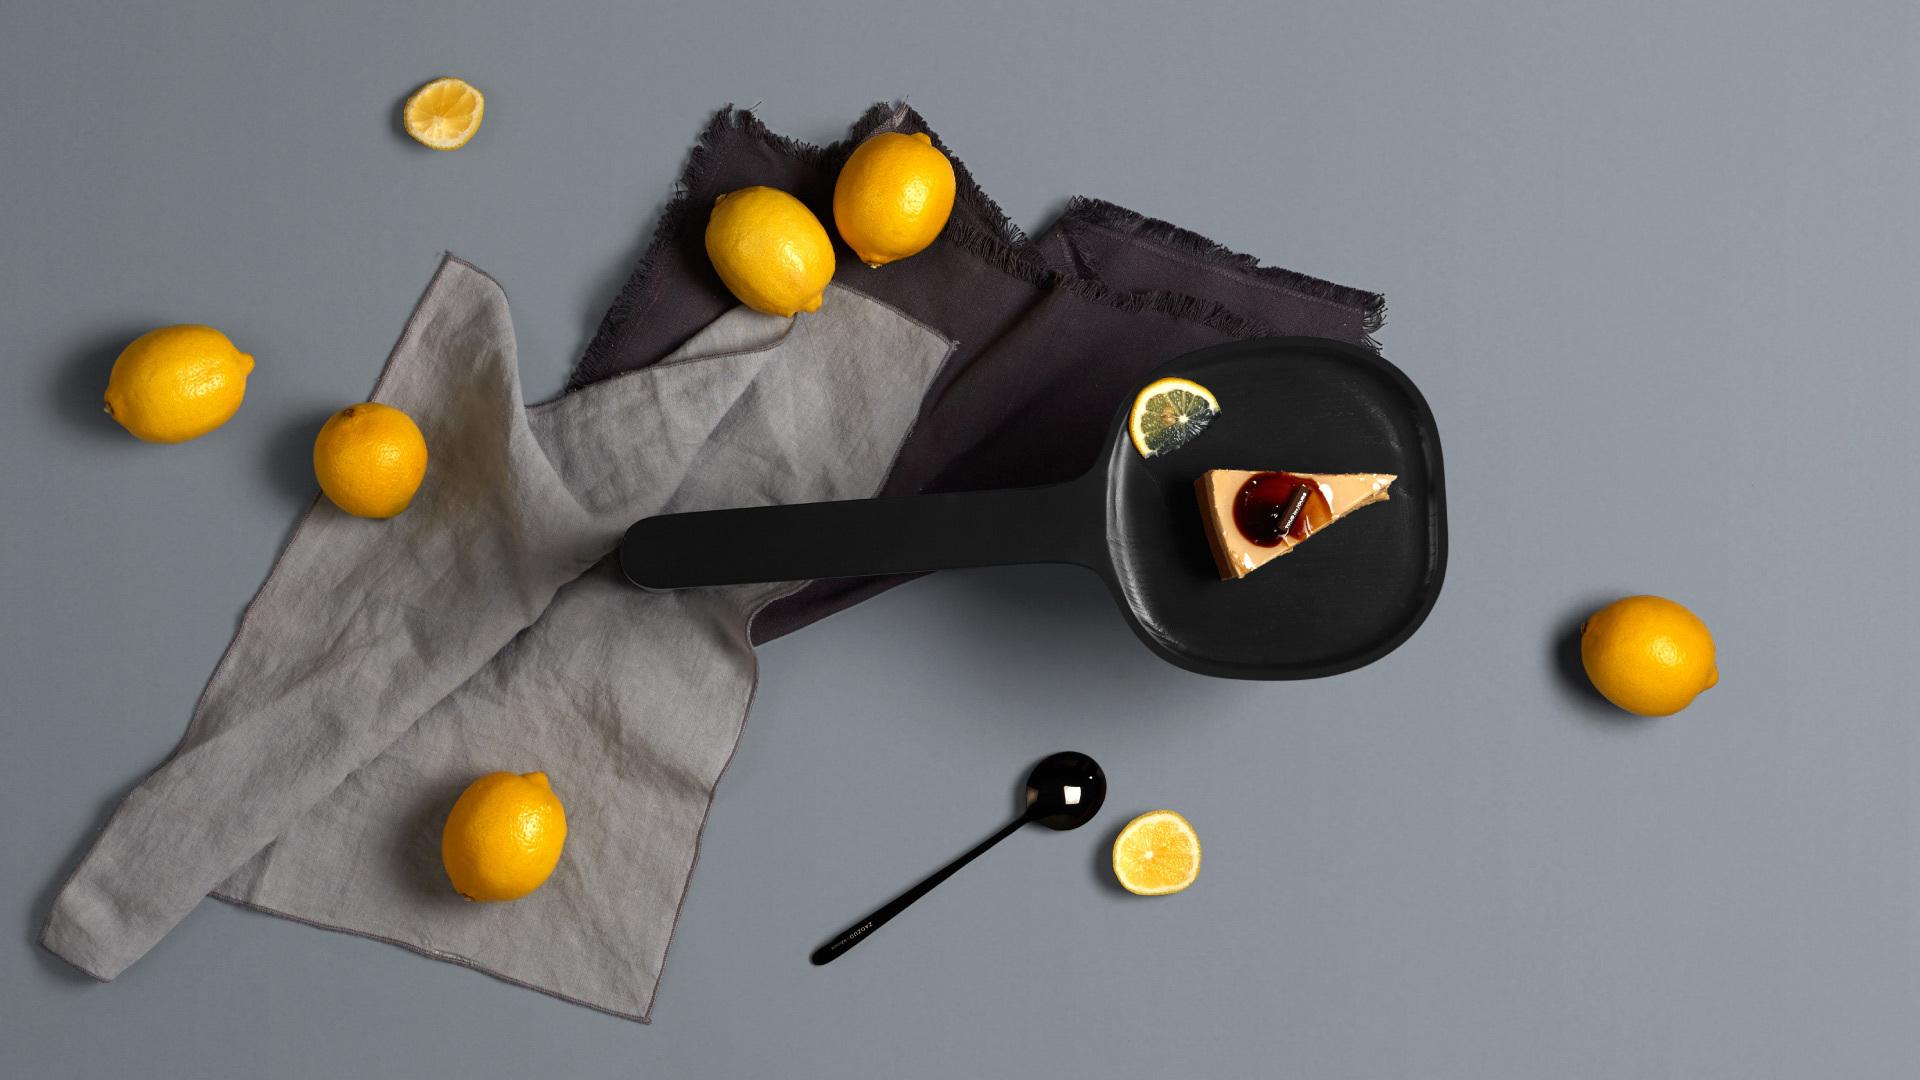 """造作艺术总监,意大利知名设计师Luca Nichetto,从传统农具""""挤奶小凳""""(milking stool)抓取灵感记忆,将憨萌小凳与厨房面包餐板巧妙融合,创作了这组平稳却不缺乏精致感,酷似小鳄鱼的套系食物托盘。"""